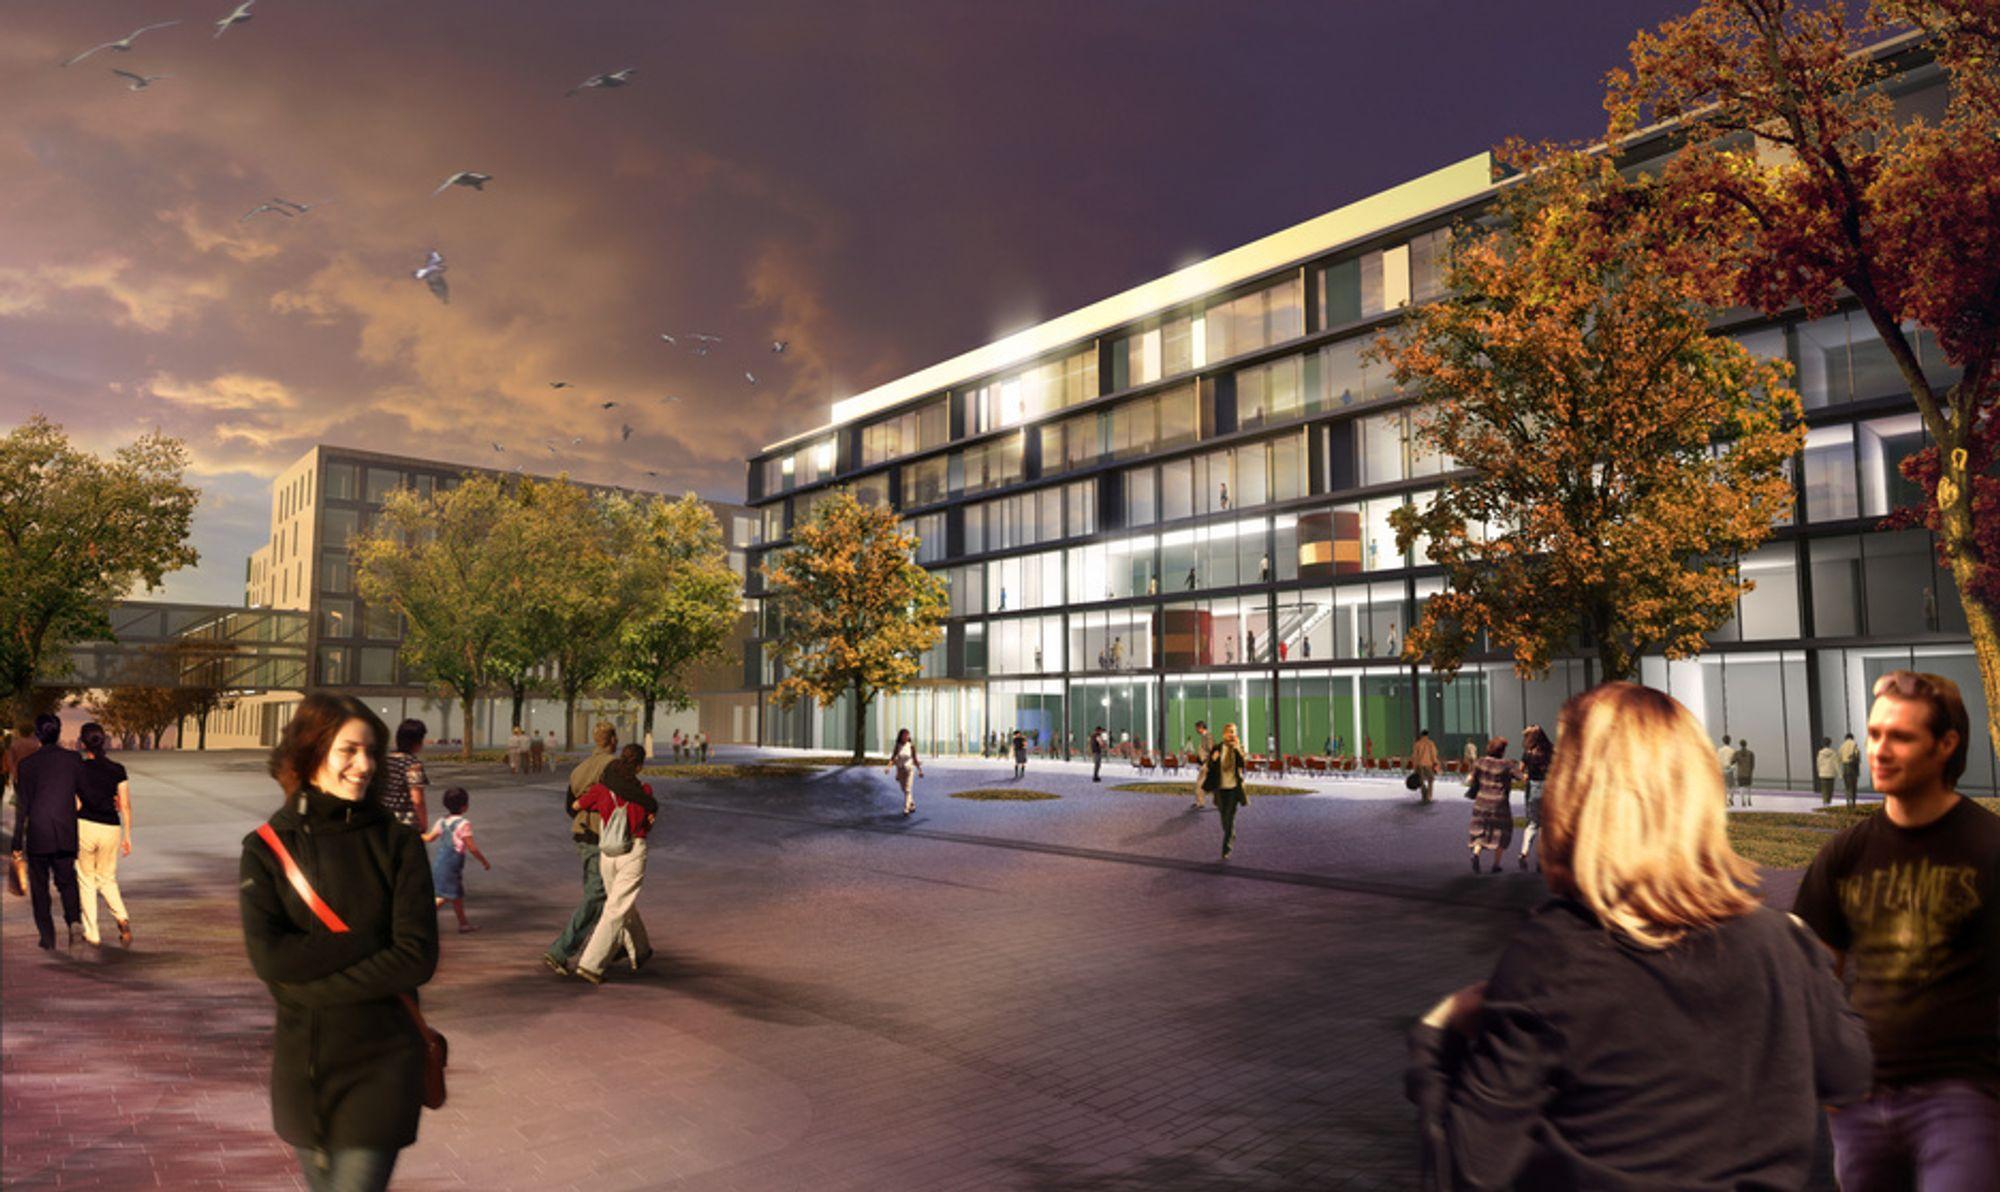 BYGGES: Dette skal opp, med passivhusstandard. Bygget vil være med å sette ny standard for offentlige bygg.